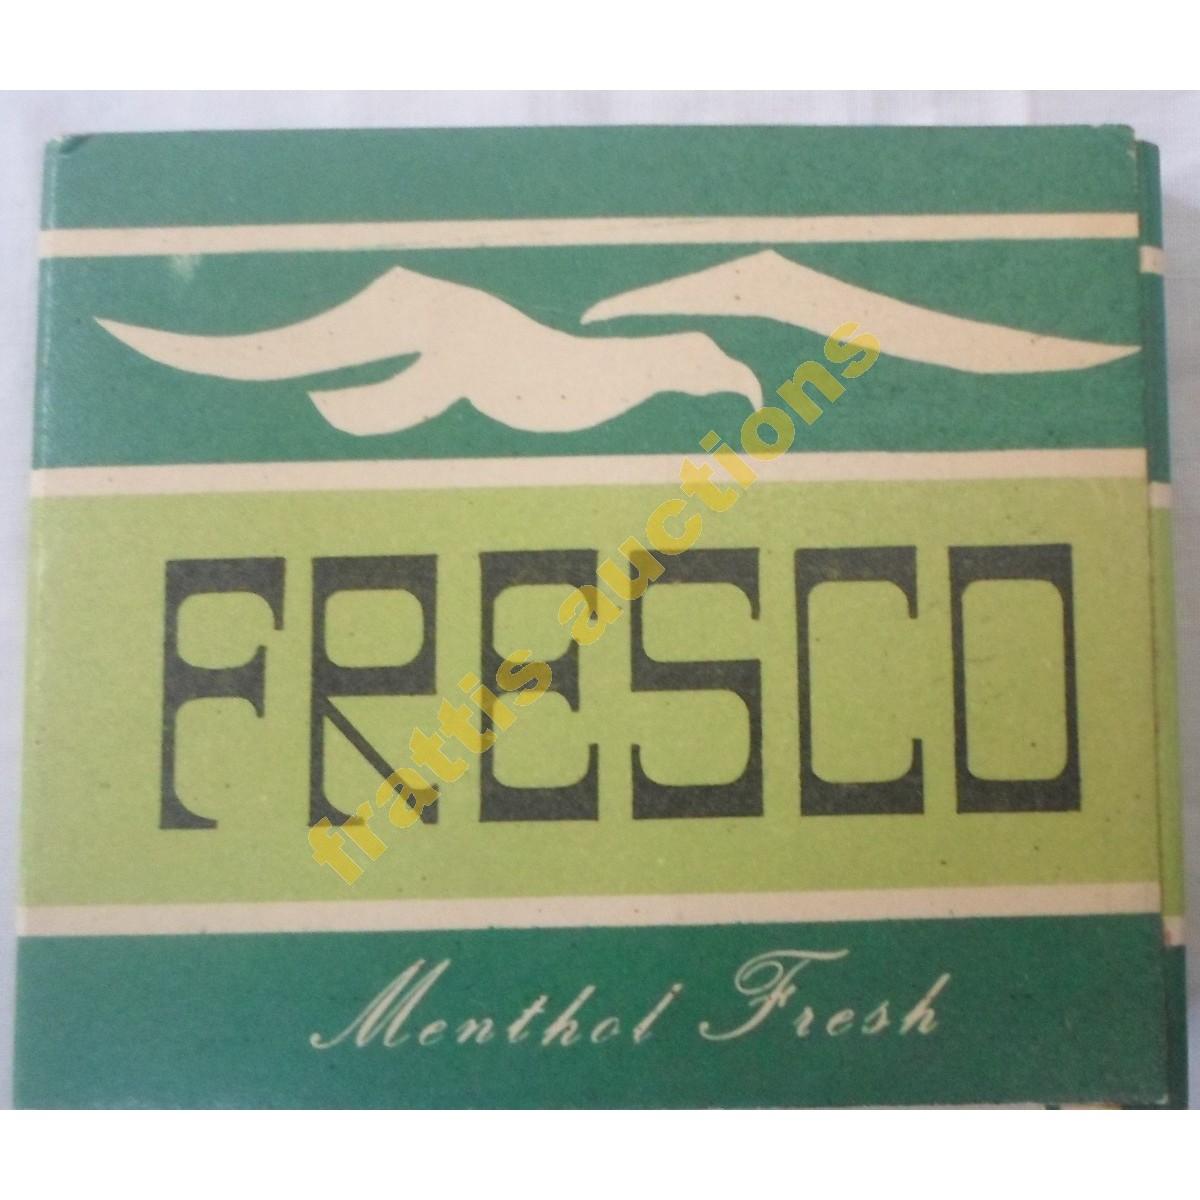 Σιγαρέττα FRESCO Cigarettes Menthol Fresh by V.E.C.A.. Χάρτινo πακέτο.